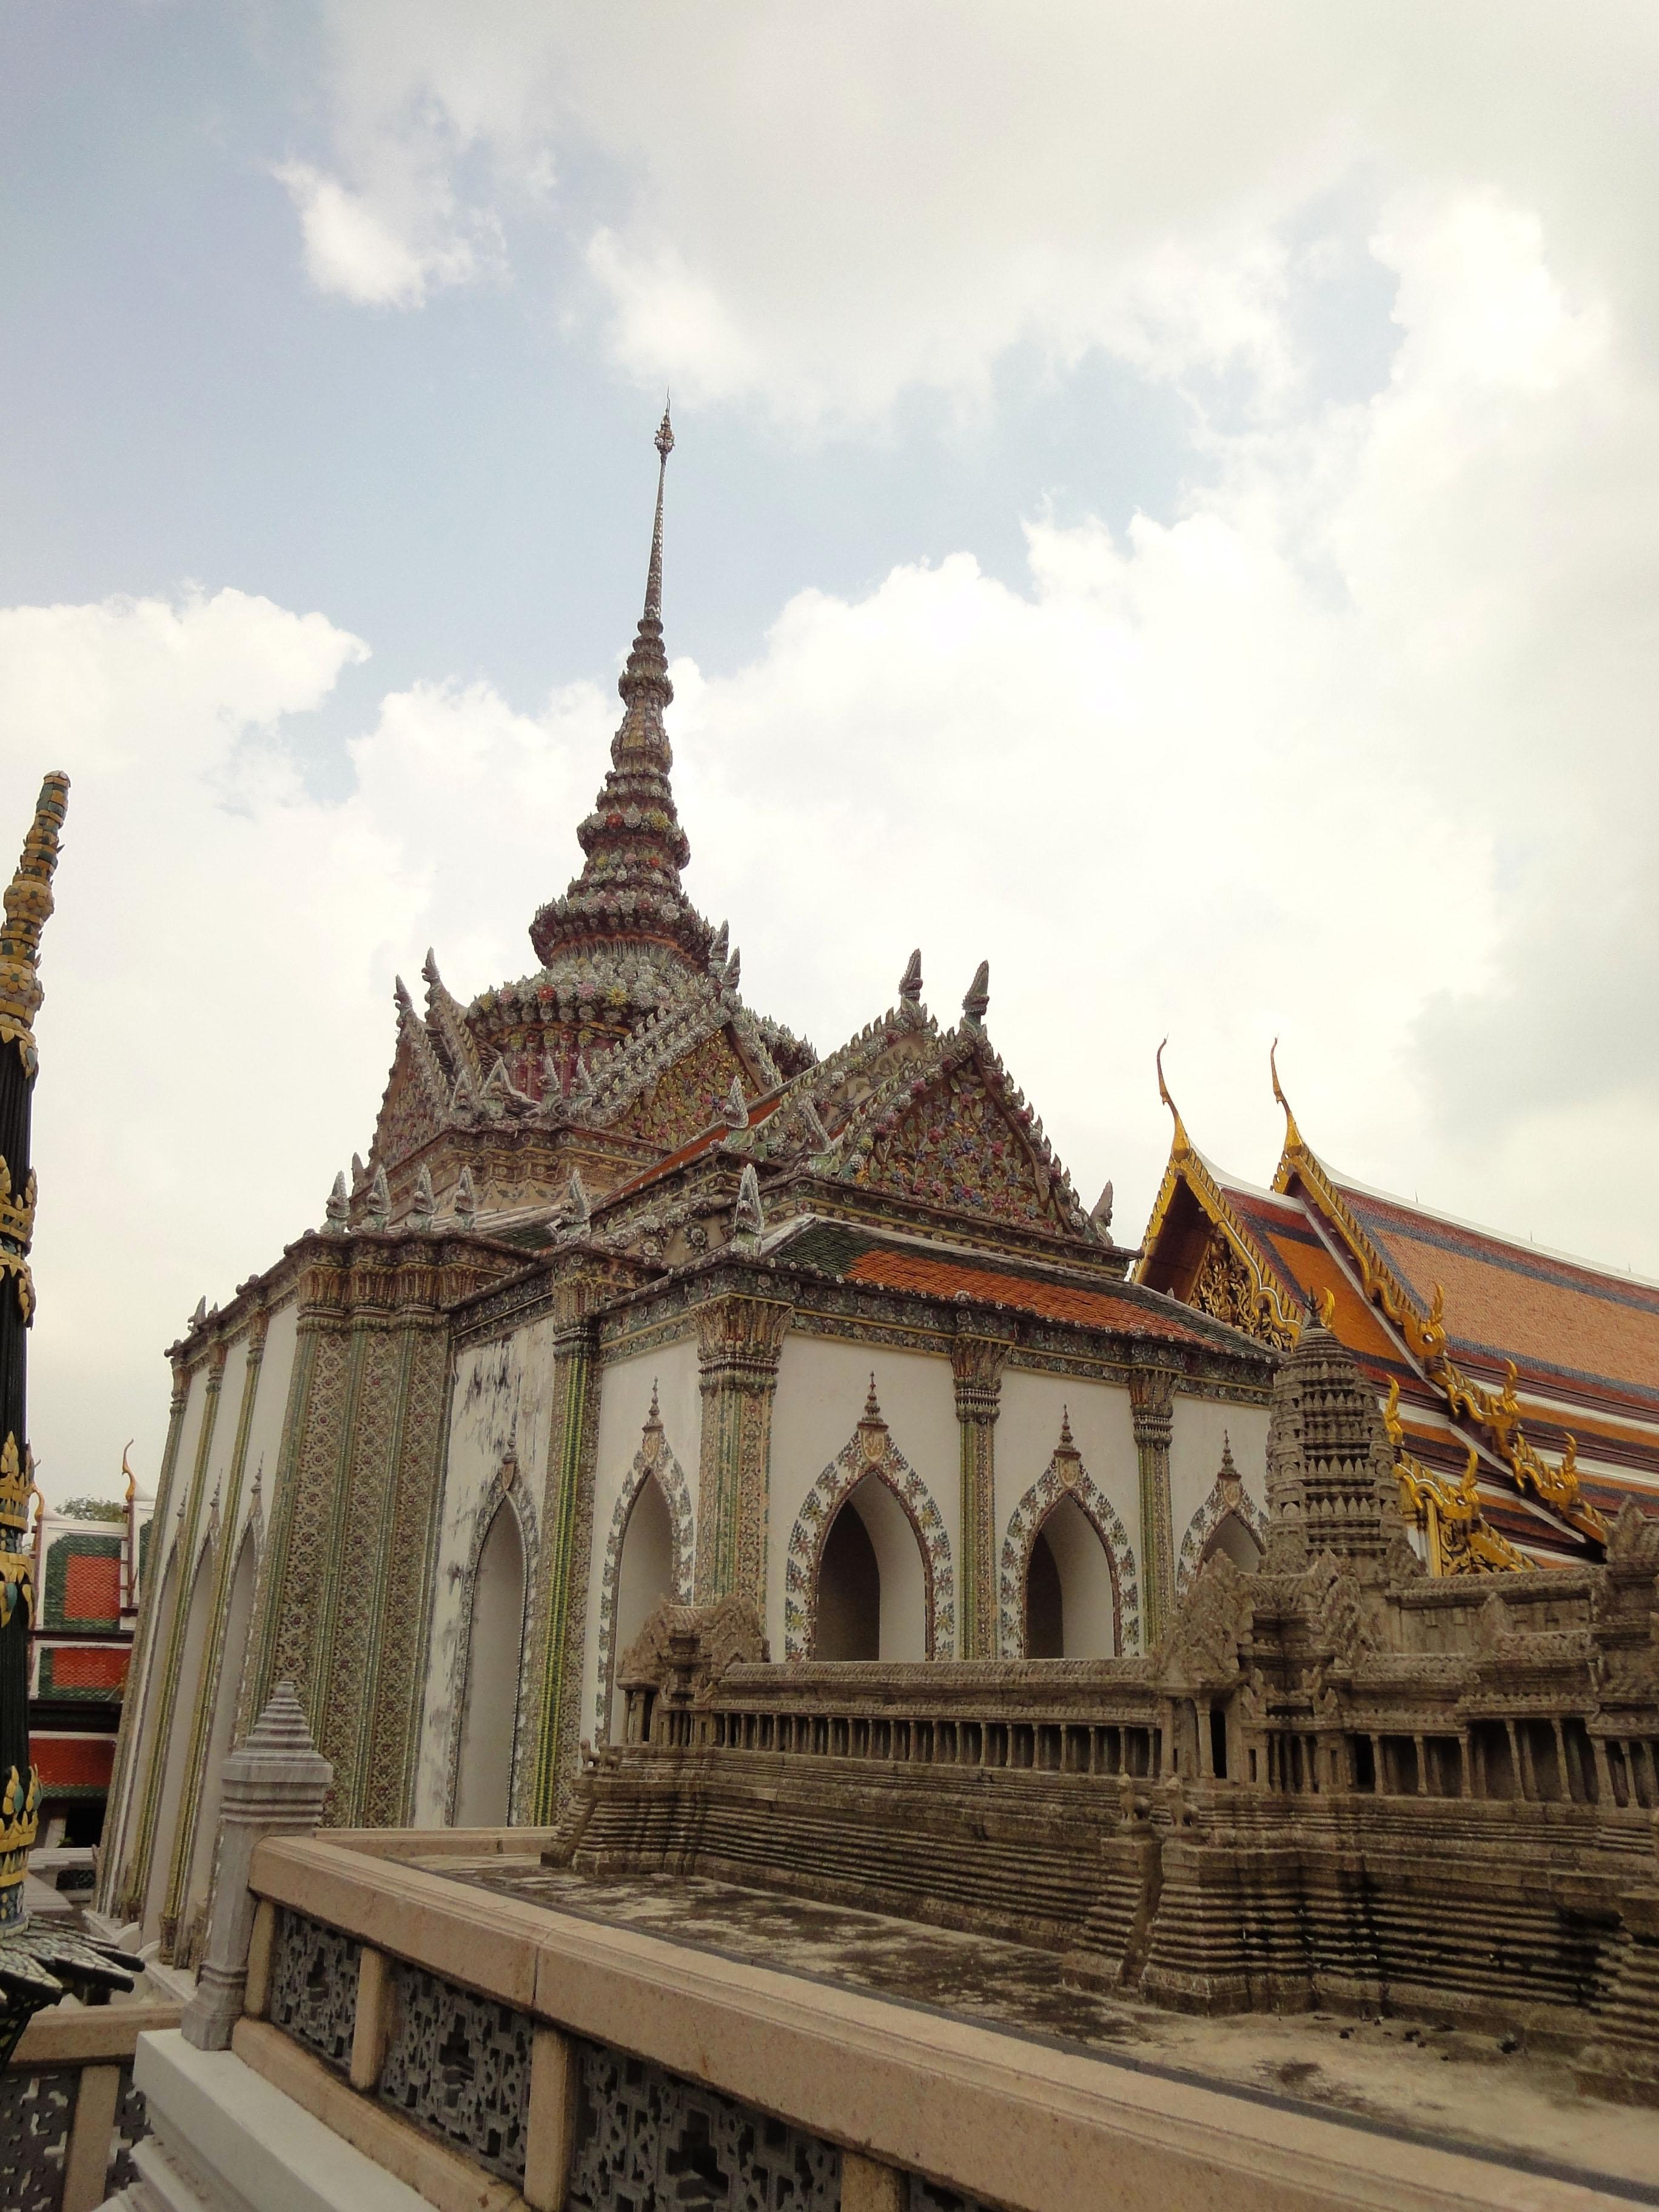 06 Model of the Angkor Wat Grand Palace Bangkok Thailand 02